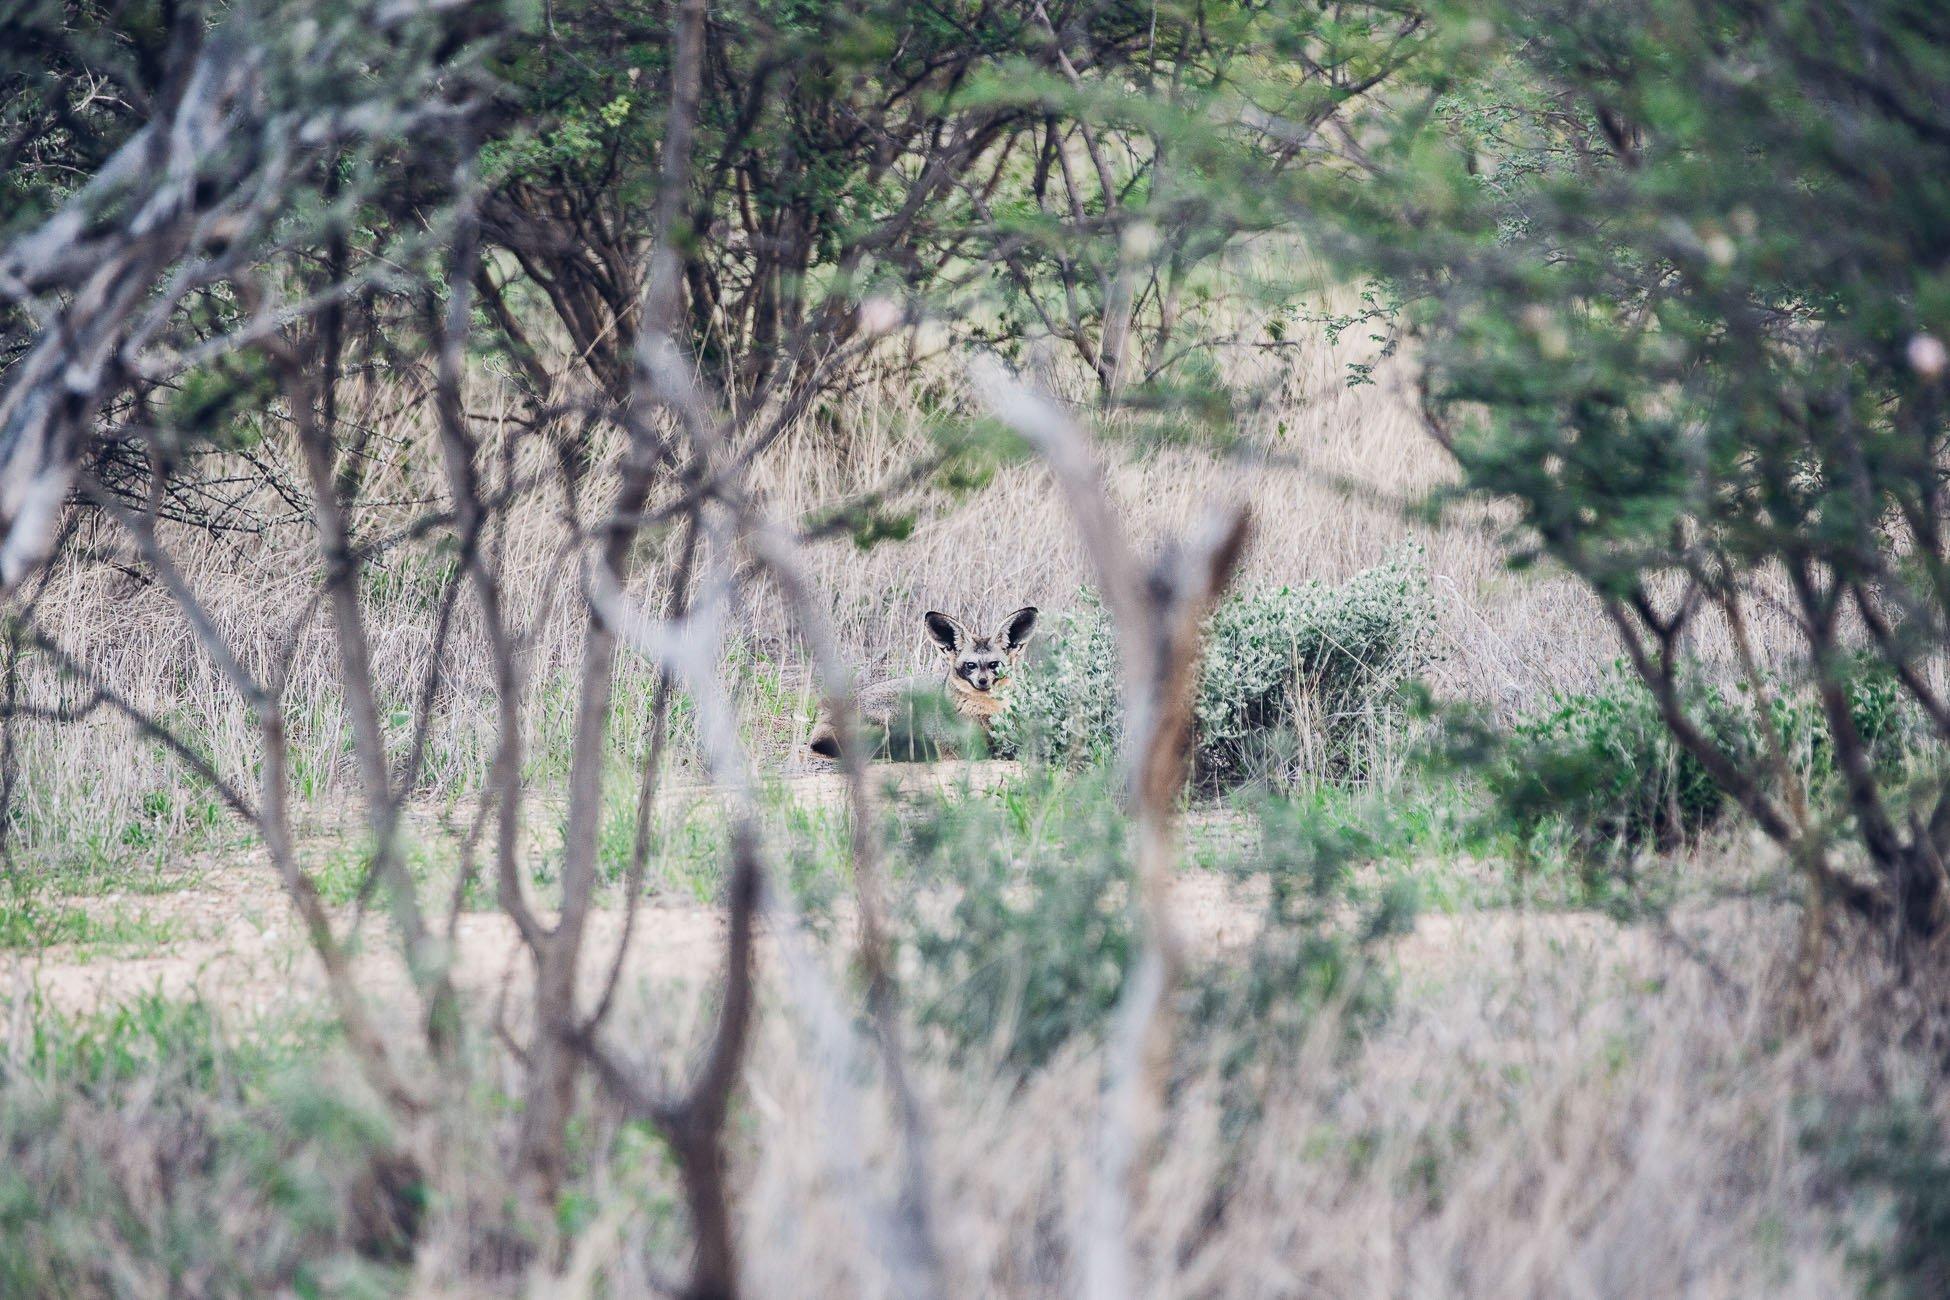 Bat-eared fox at a safari in Namibia